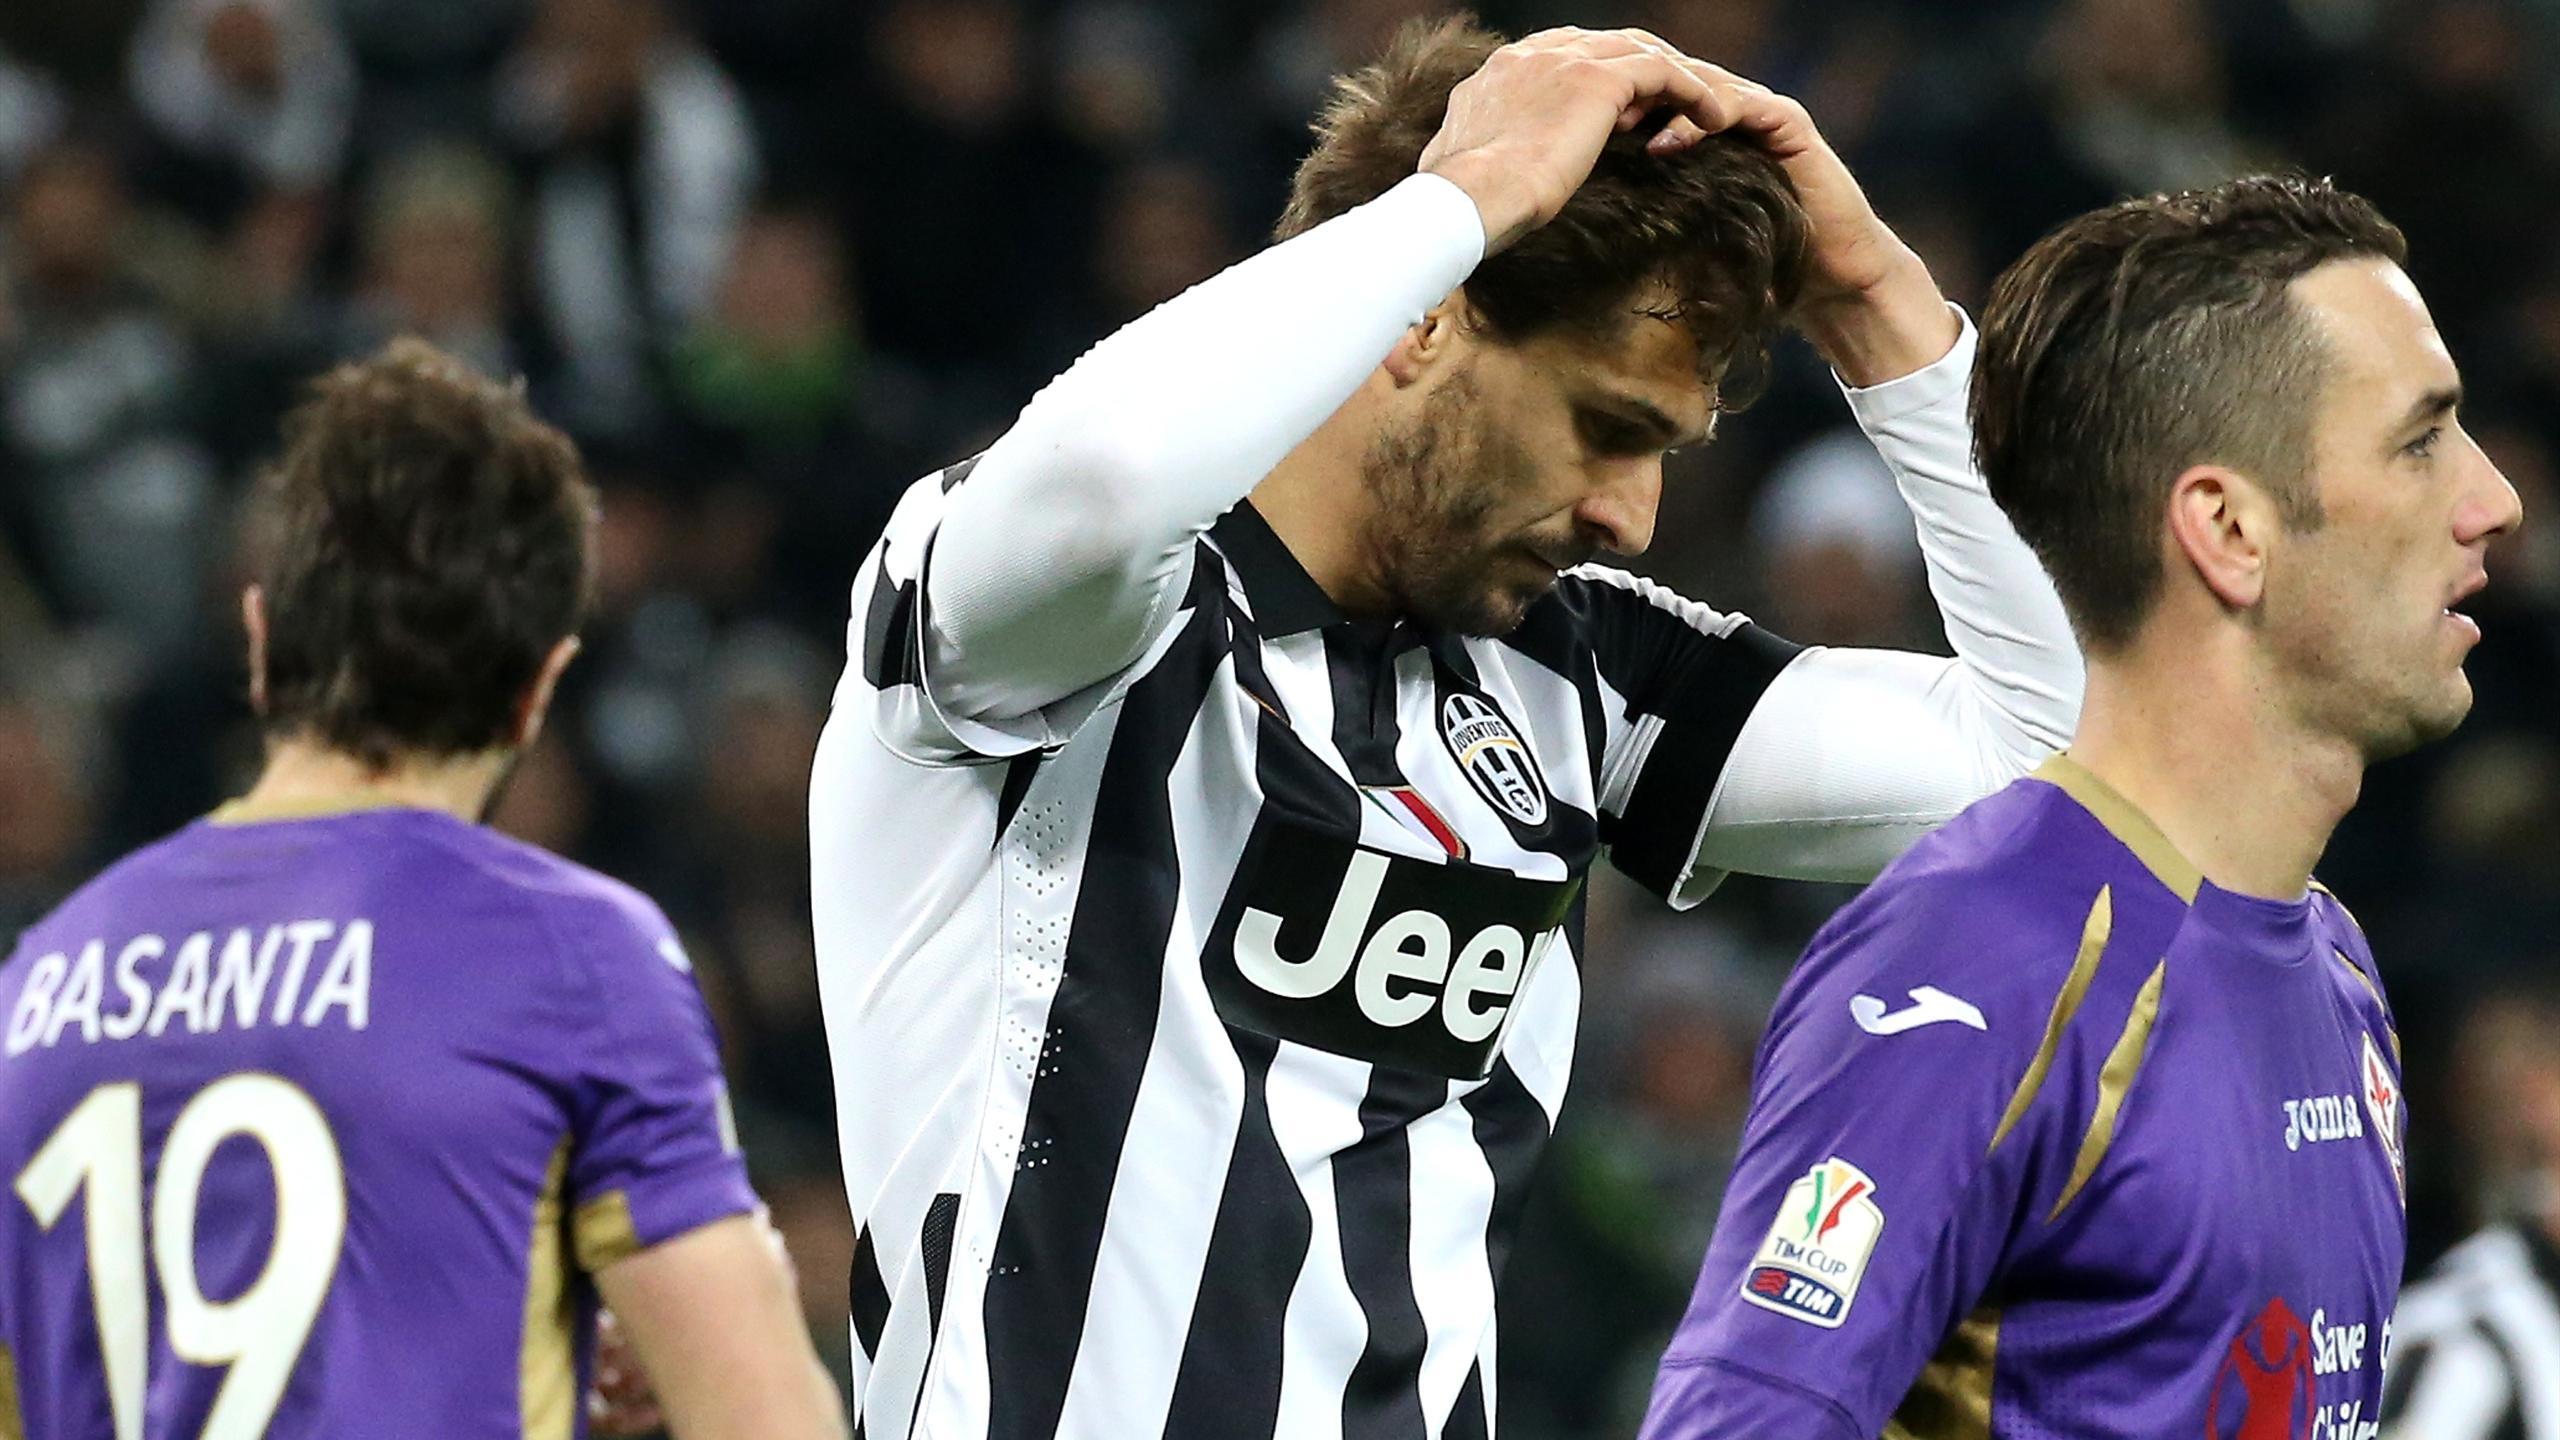 La déception de Fernando Llorente avec la Juventus contre la Fiorentina (saison 2014-2015)